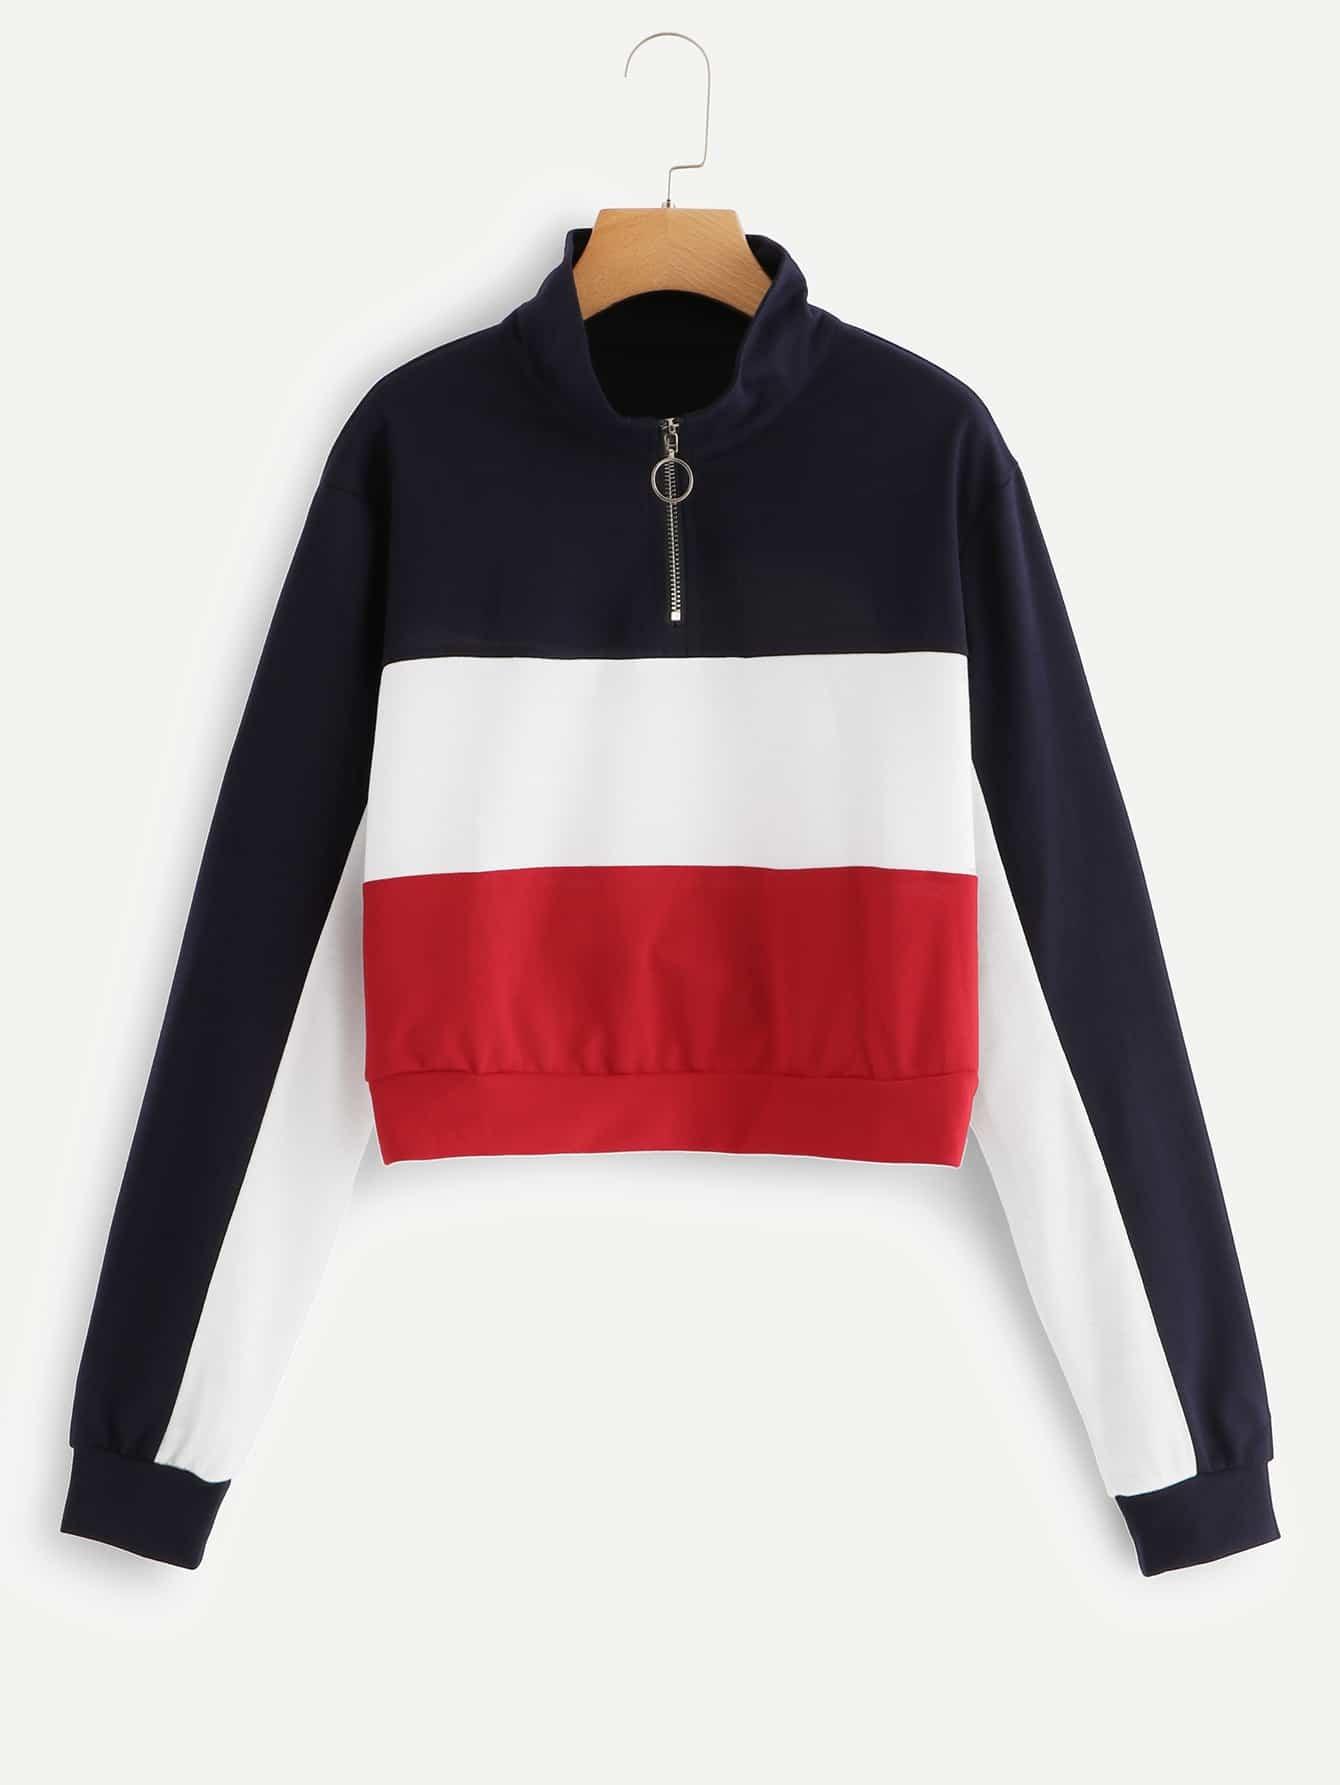 Купить Цветная кусковая спортивная футболка и с застёжкой молния перед одежды, null, SheIn